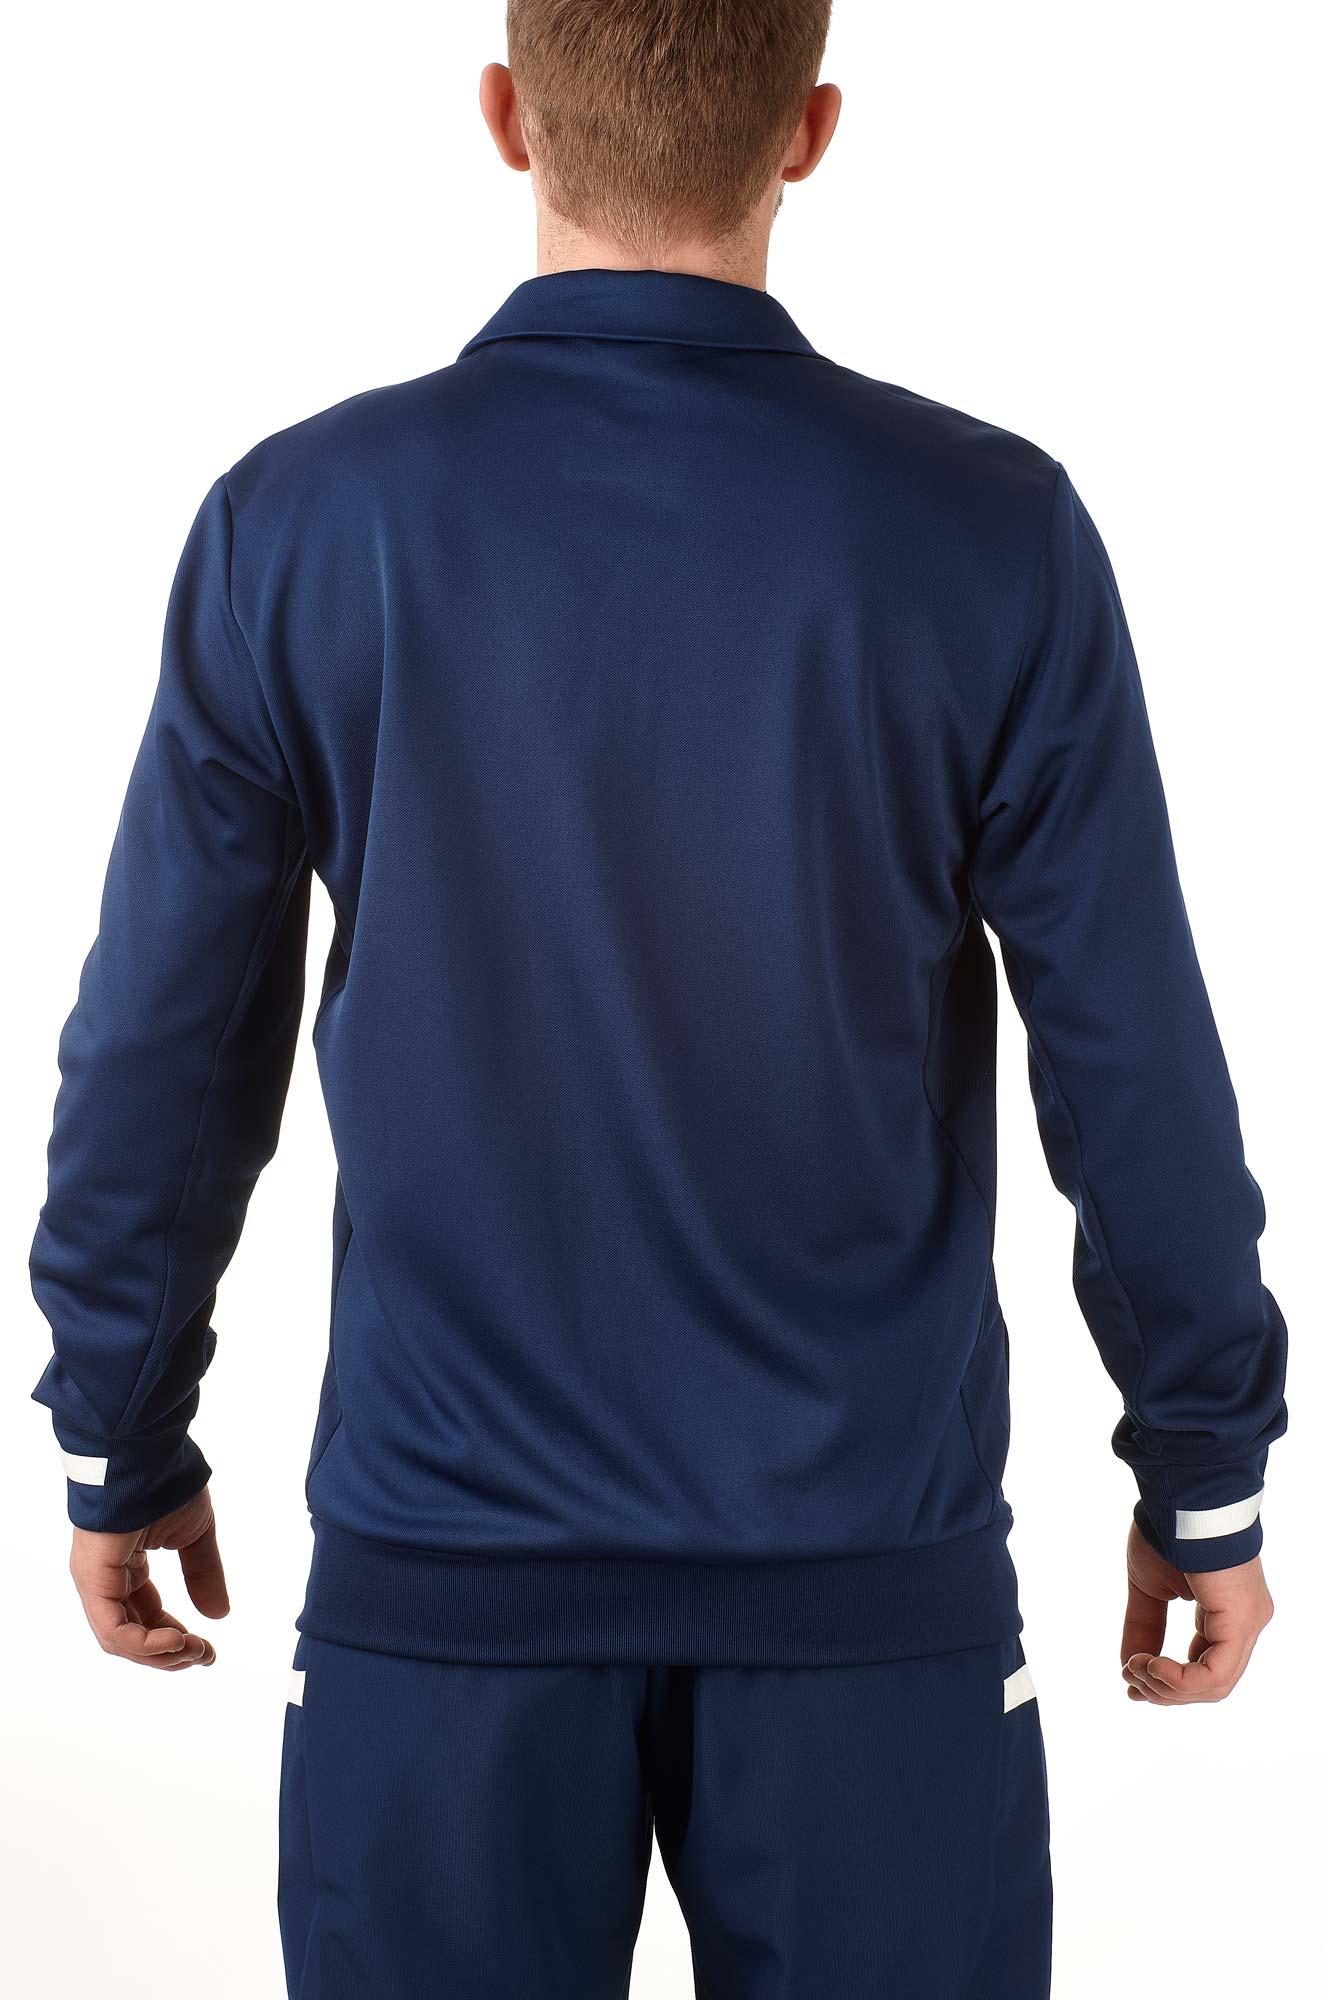 adidas T19 Trekking Jacket Männer blauweiß, DY8838